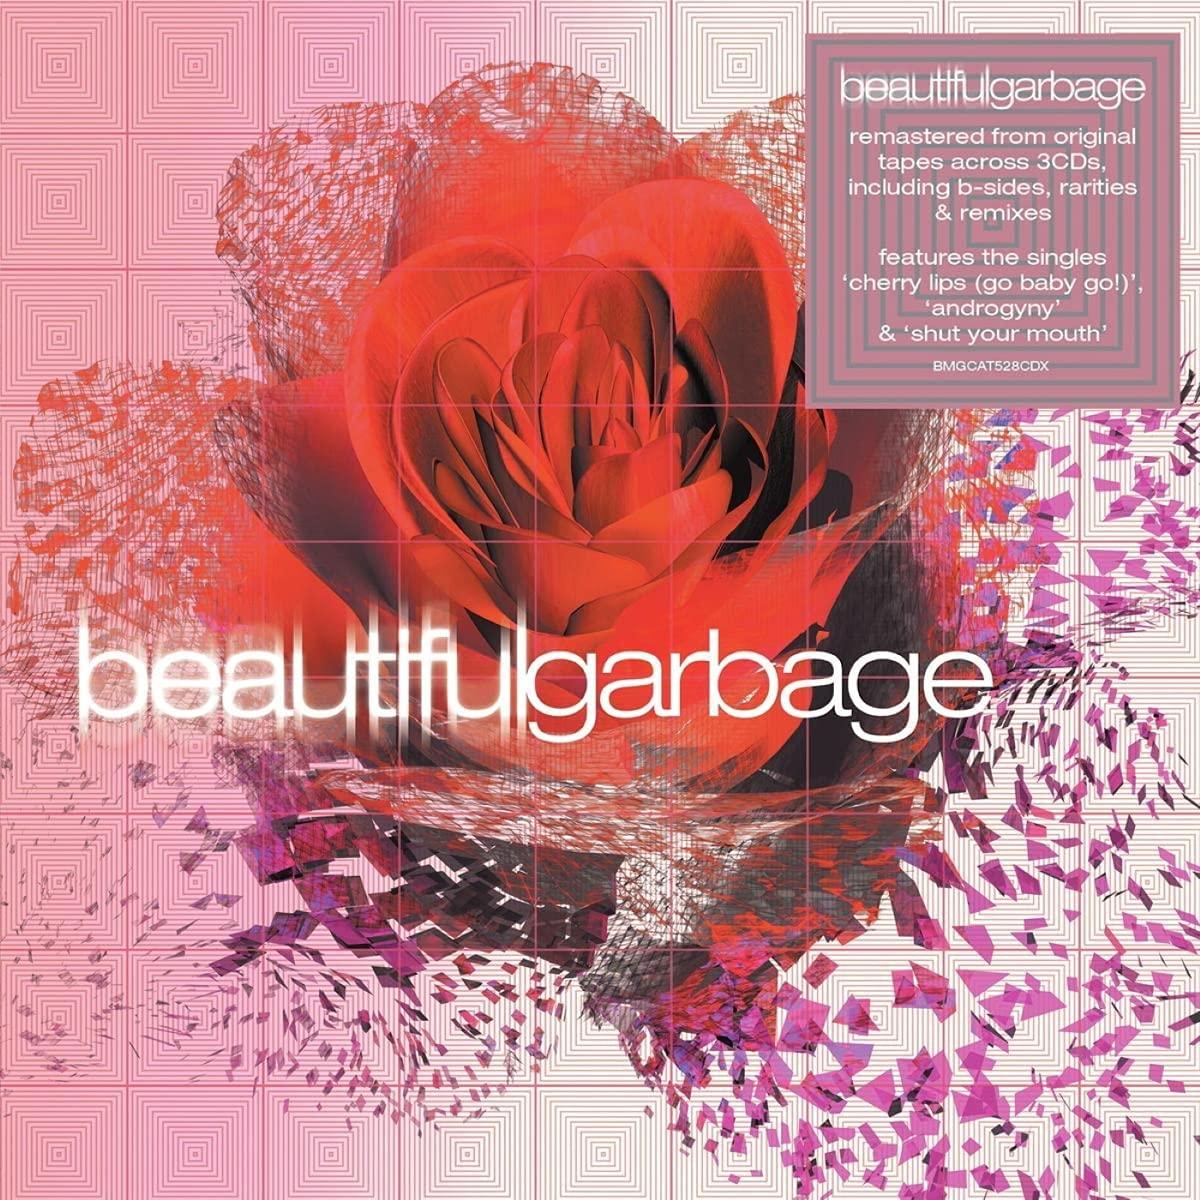 Garbage / Beautiful Garbage reissue